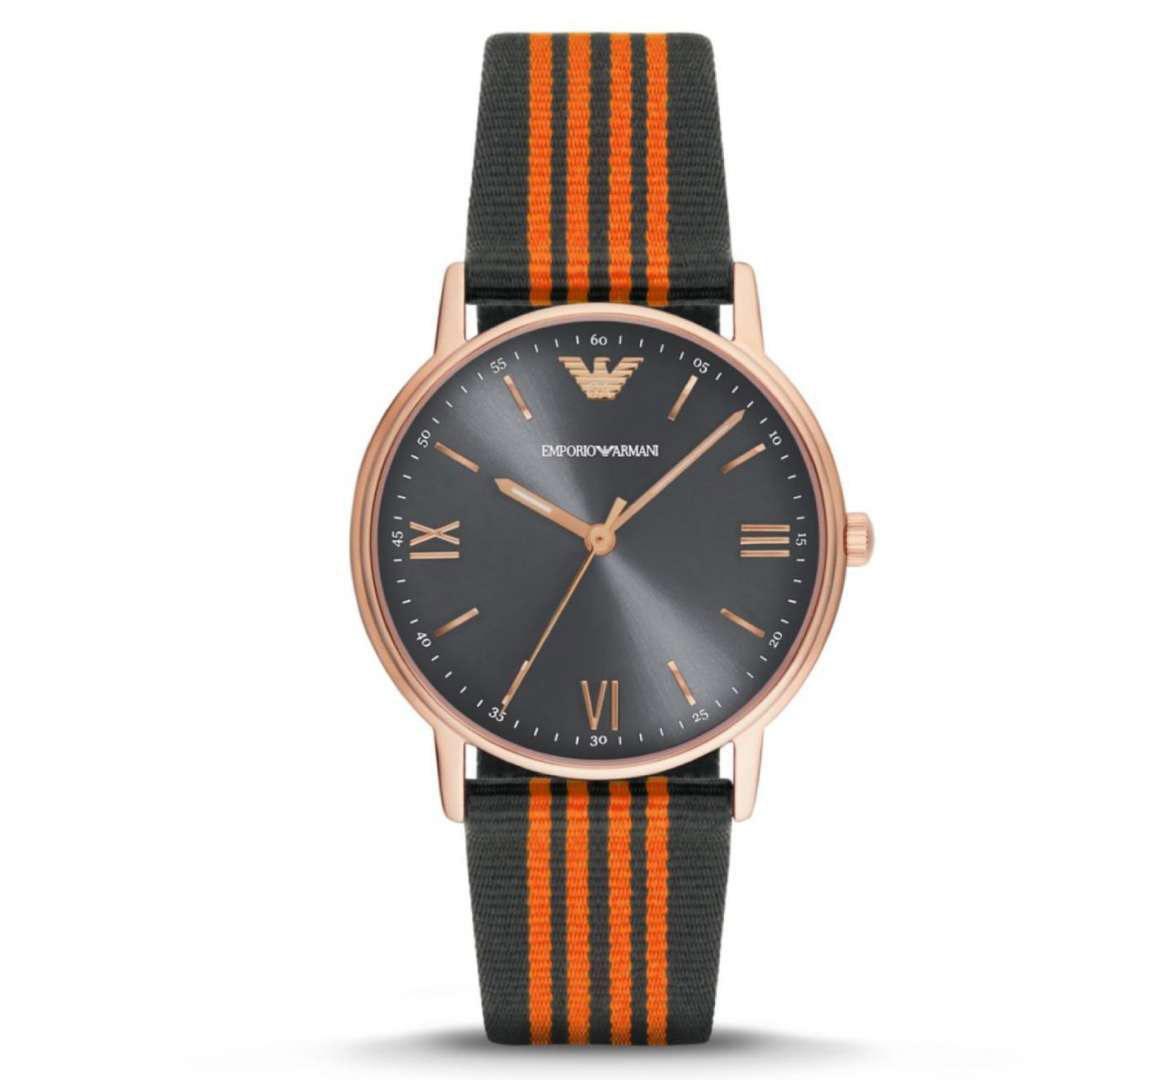 שעון יד אנלוגי לגבר emporio armani ar11014 אמפוריו ארמני